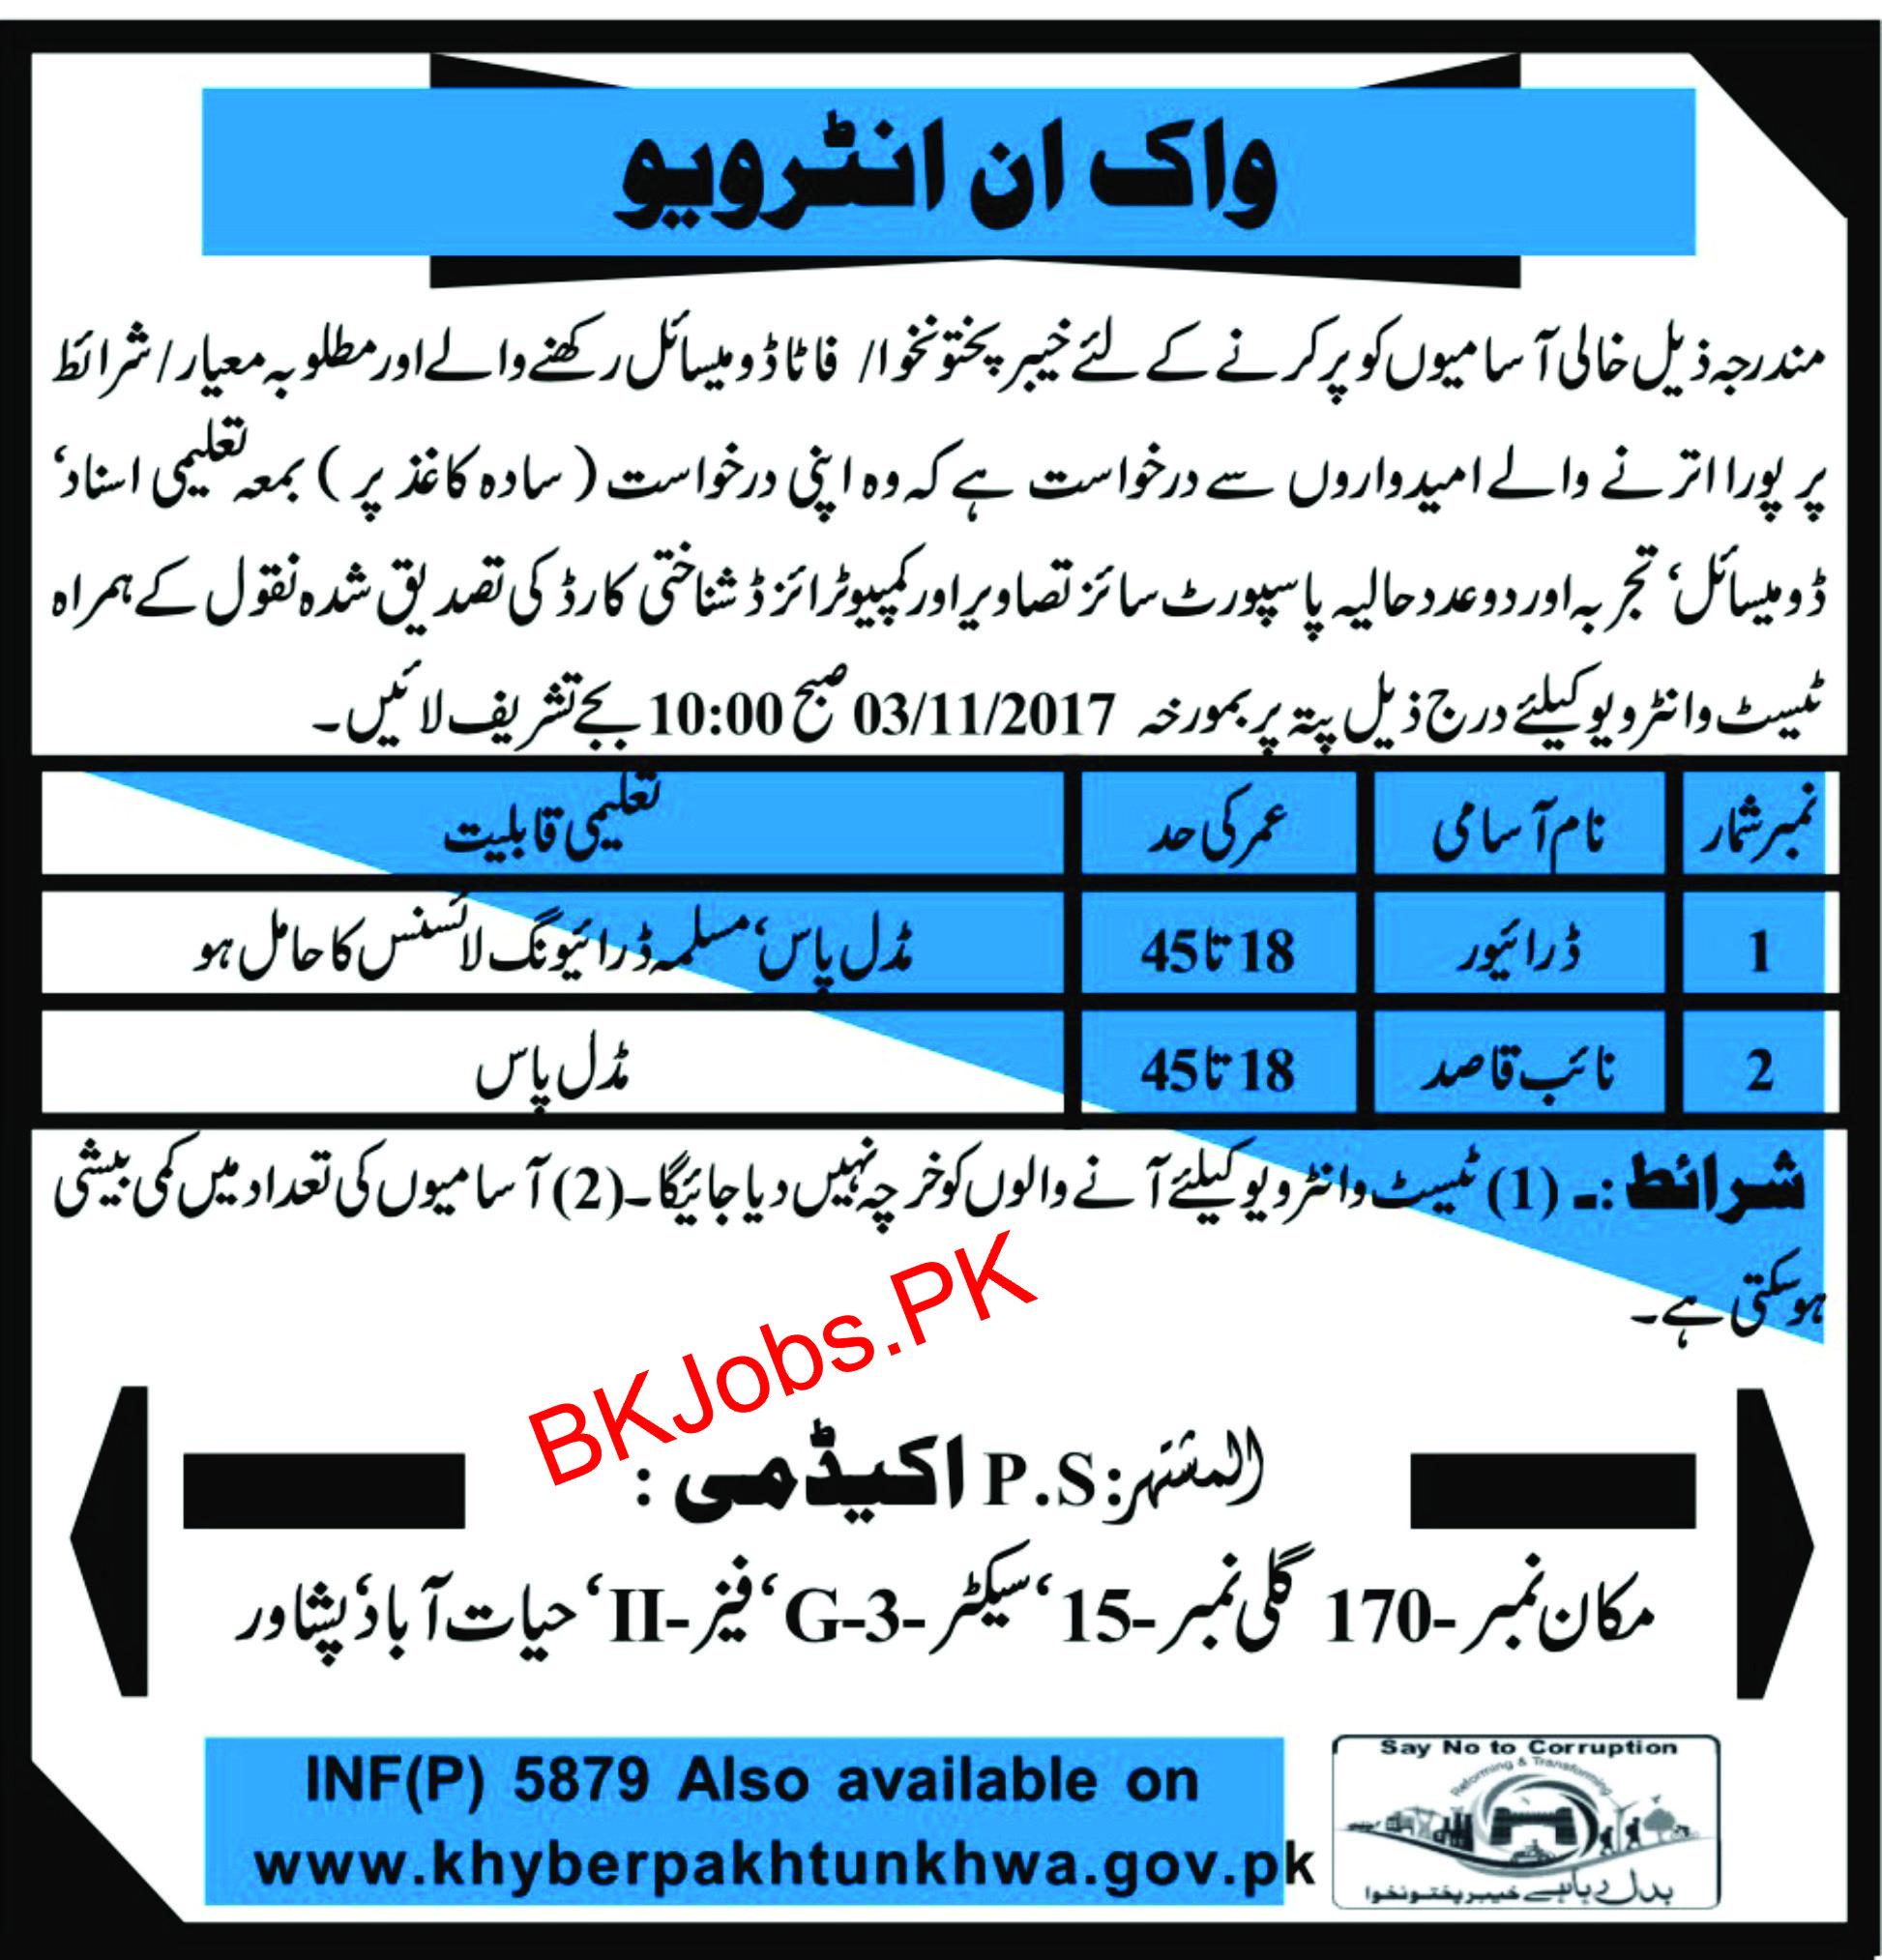 Ps Academy Peshawar Jobs For Kpk Fata Domicile Holders Bk Jobs